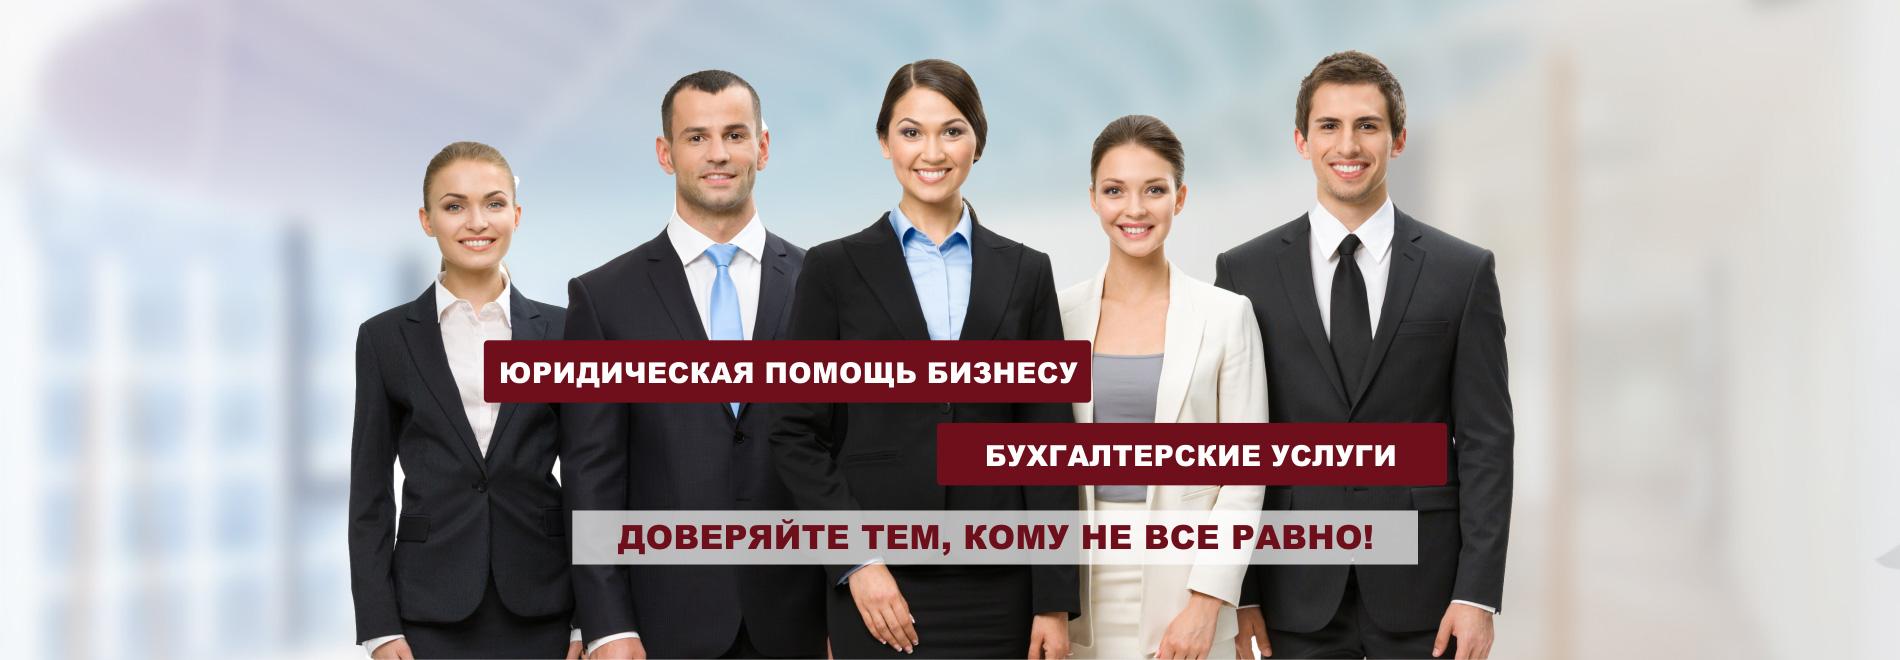 Юридическая помощь бизнесу